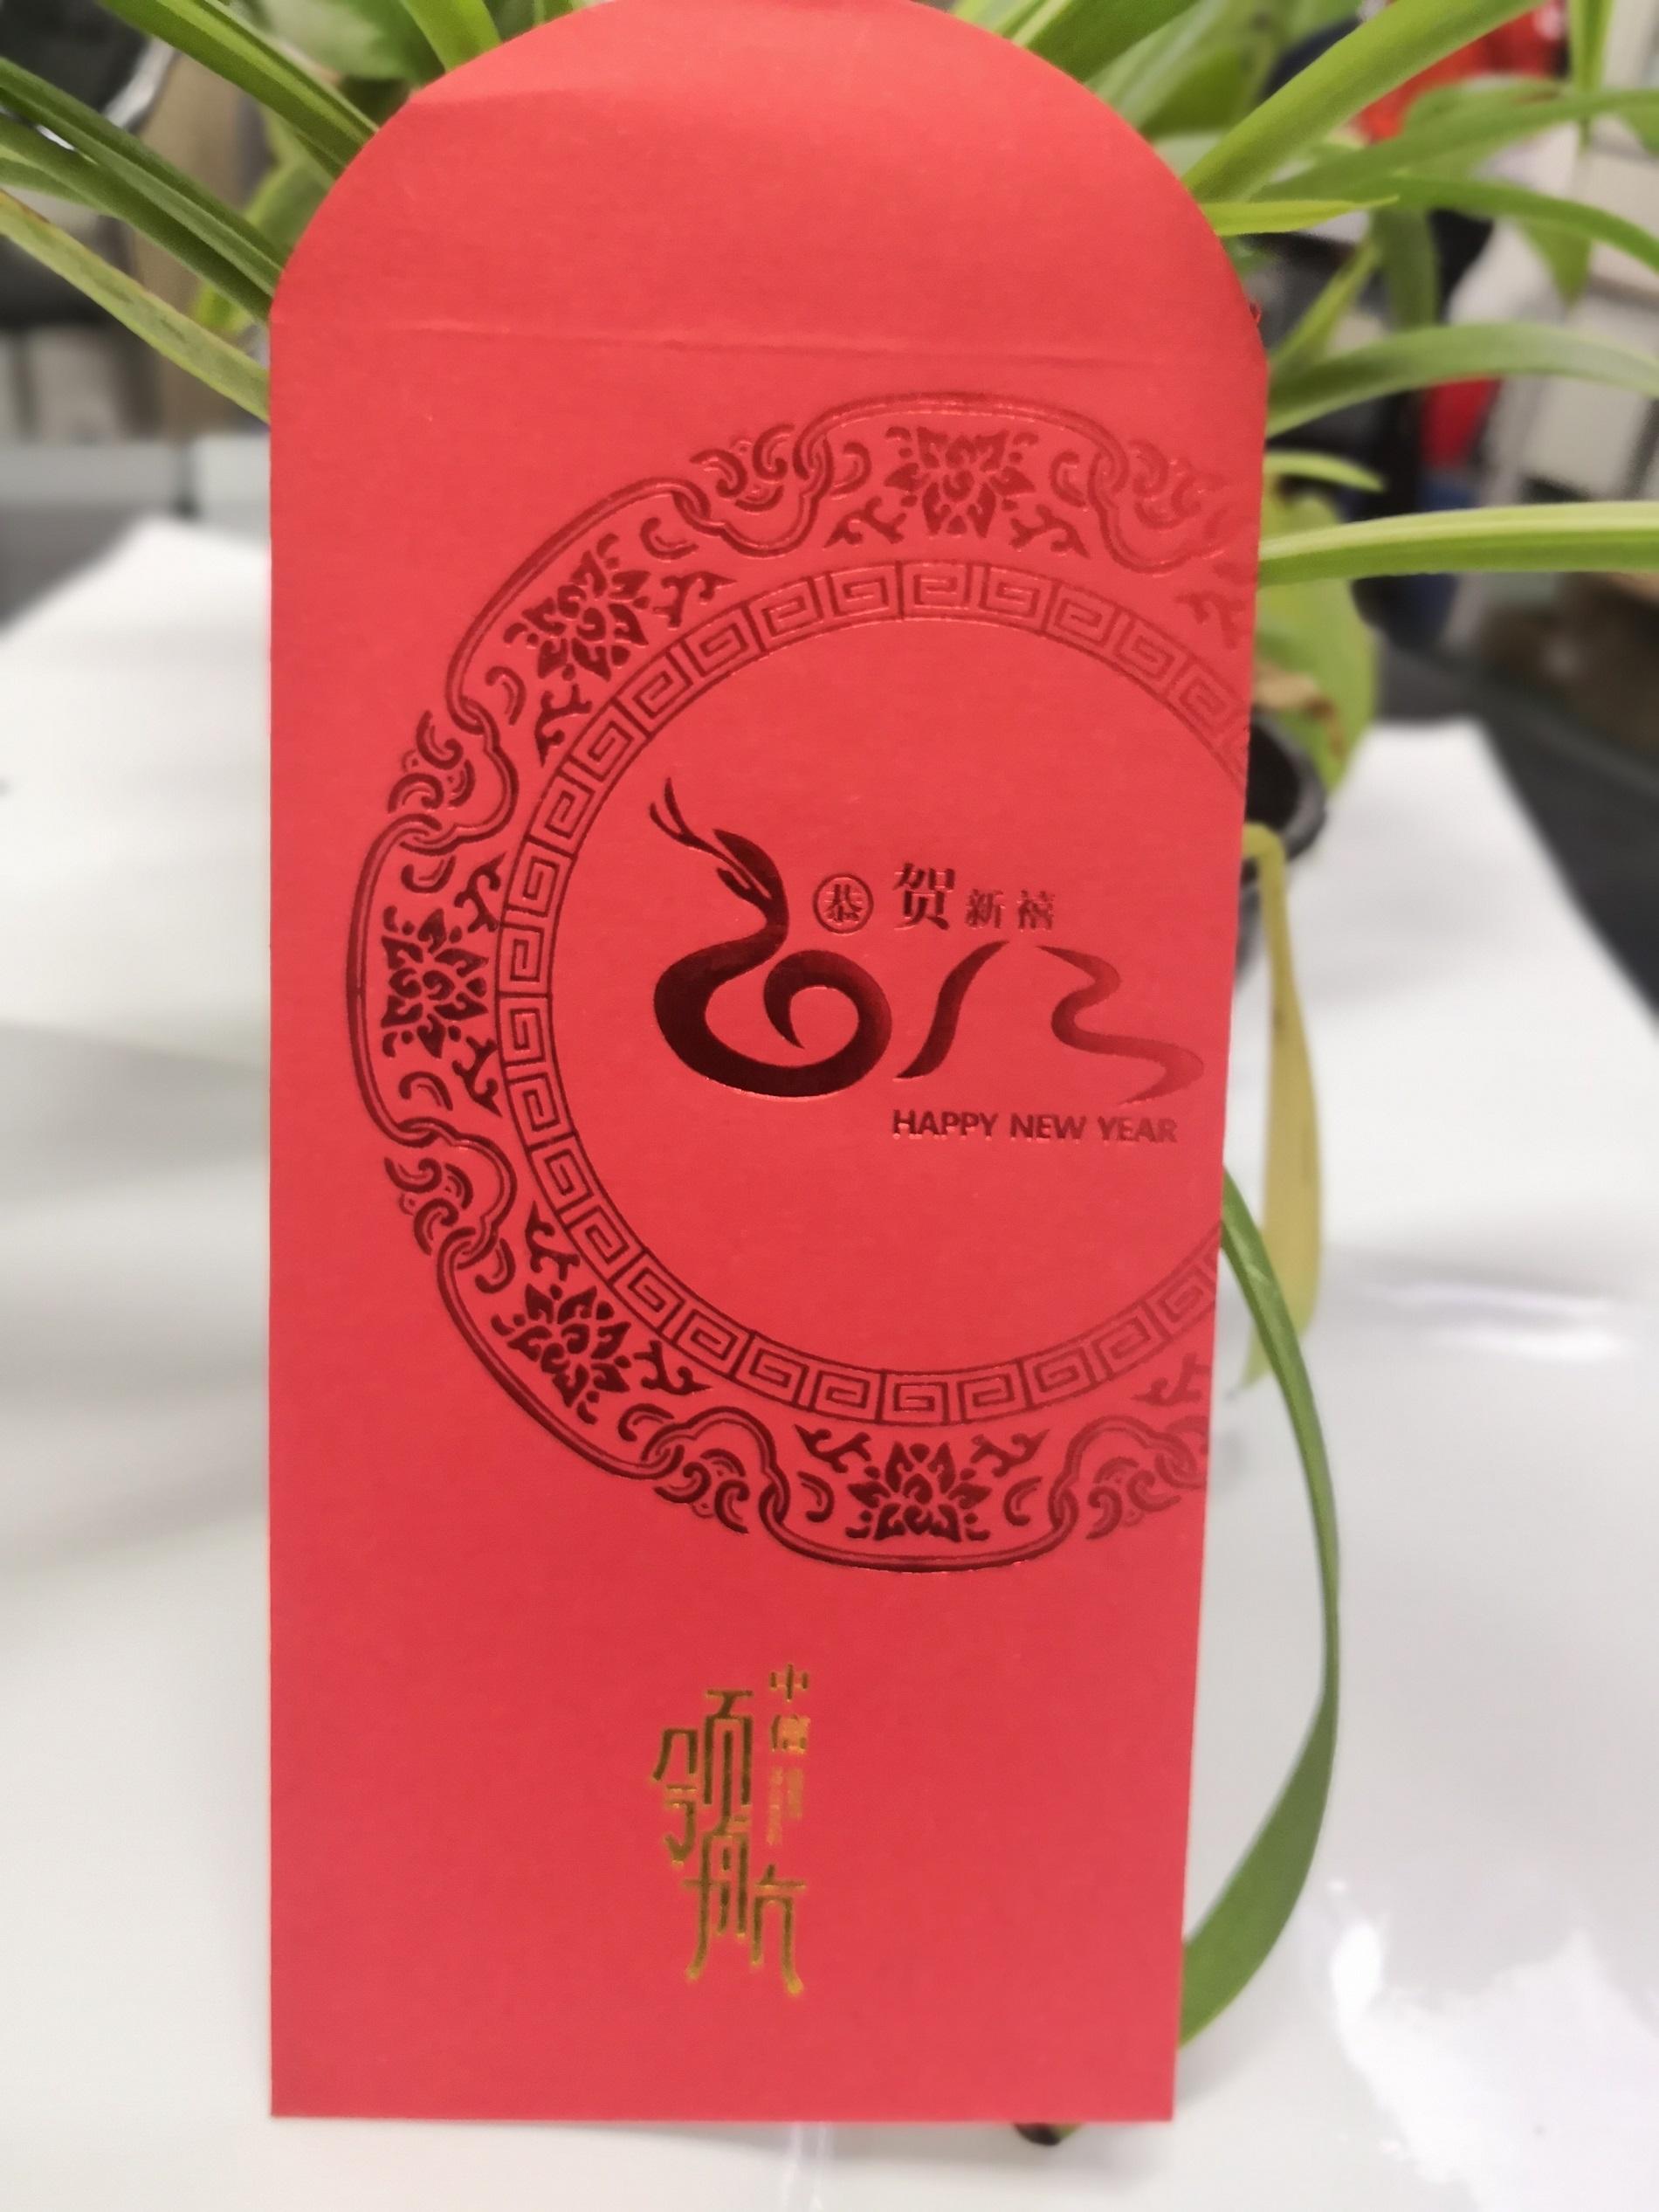 袋装红包印刷厂家新年红包印刷公司新款图案批量印刷厂商阿坝